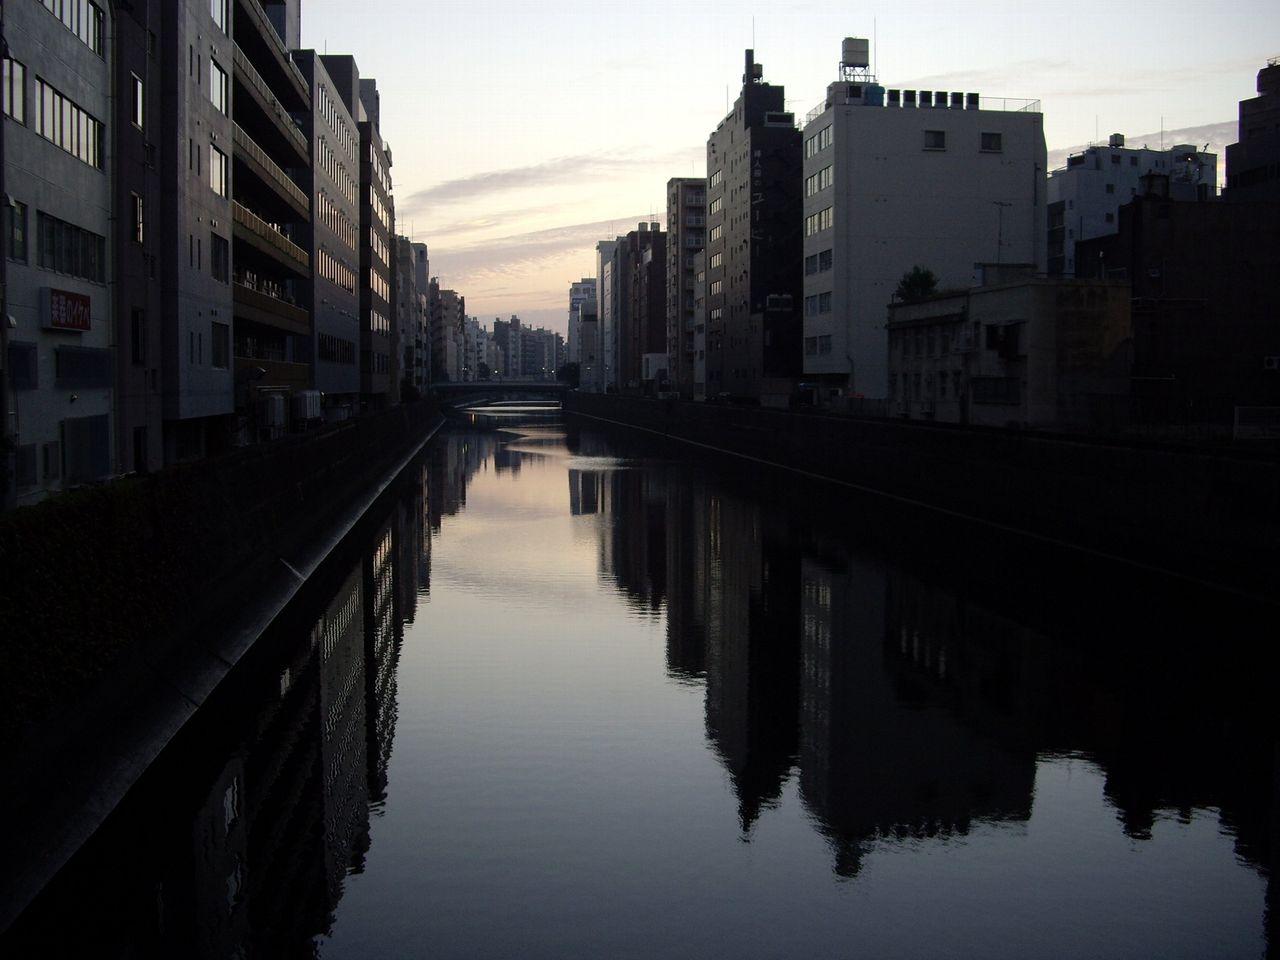 早朝の風景(秋葉原)